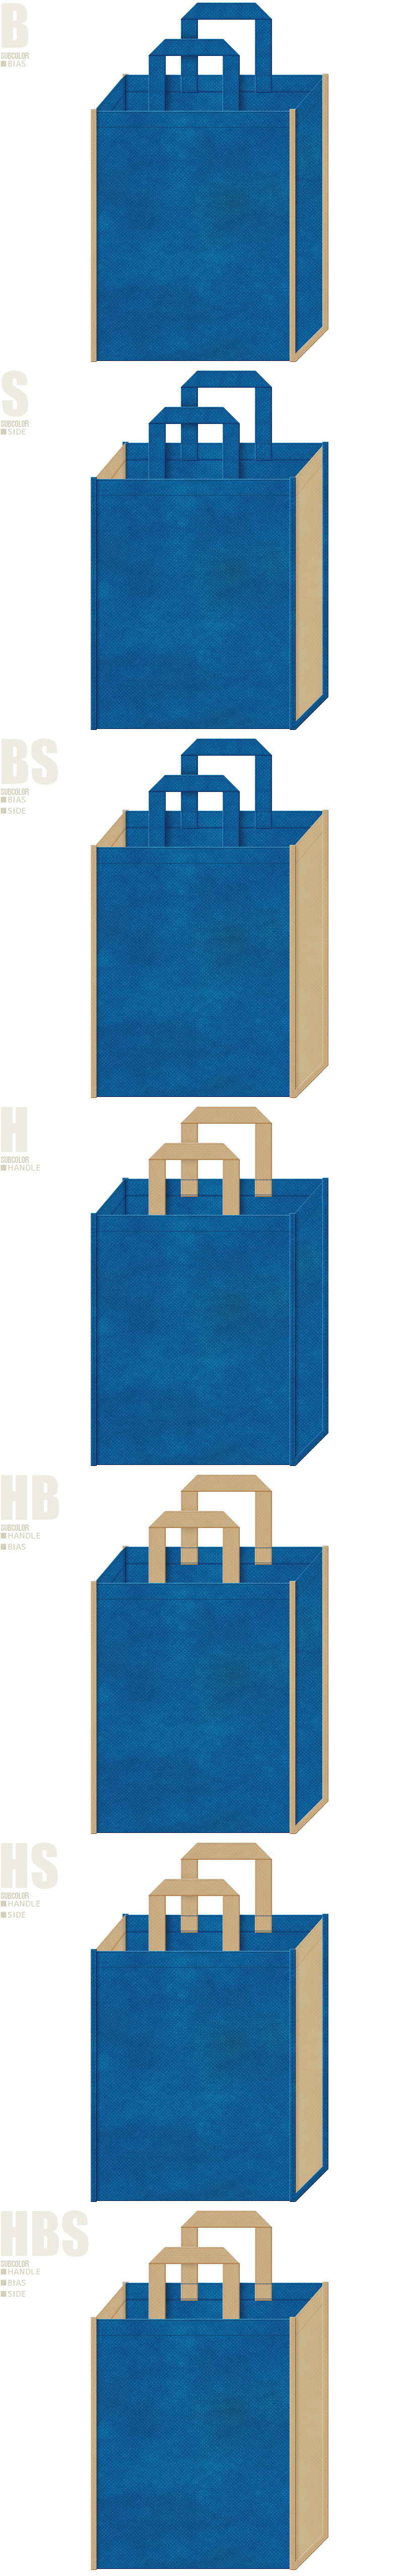 オンラインゲーム・ロールプレイングゲームの展示会用バッグにお奨めの不織布バッグデザイン:青色とカーキ色の配色7パターン